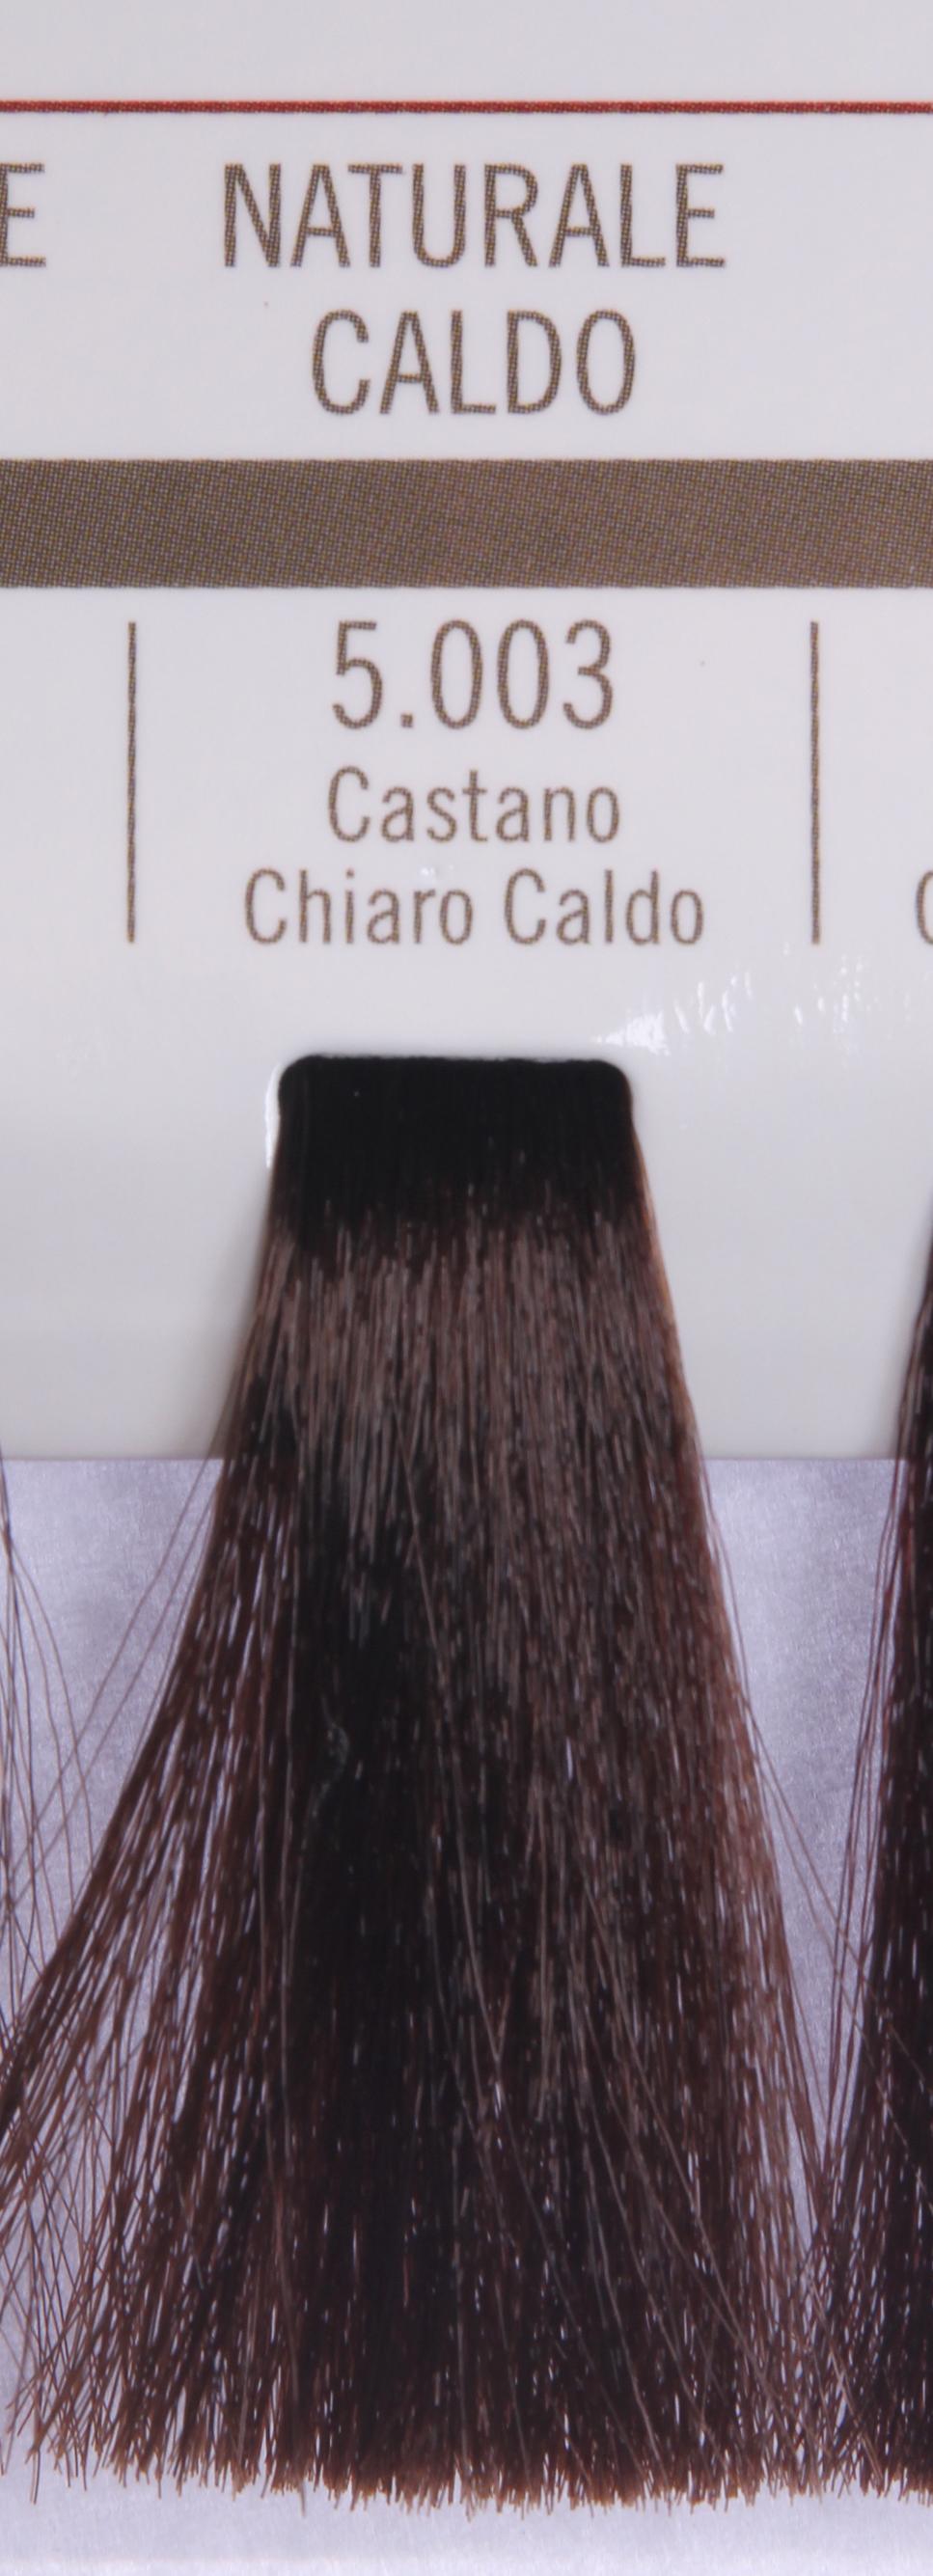 BAREX 5.003 краска для волос / PERMESSE 100млКраски<br>Оттенок: Светлый каштан теплый. Профессиональная крем-краска Permesse отличается низким содержанием аммиака - от 1 до 1,5%. Обеспечивает блестящий и натуральный косметический цвет, 100% покрытие седых волос, идеальное осветление, стойкость и насыщенность цвета до следующего окрашивания. Комплекс сертифицированных органических пептидов M4, входящих в состав, действует с момента нанесения, увлажняя волосы, придавая им прочность и защиту. Пептиды избирательно оседают в самых поврежденных участках волоса, восстанавливая и защищая их. Масло карите оказывает смягчающее и успокаивающее действие. Комплекс пептидов и масло карите стимулируют проникновение пигментов вглубь структуры волоса, придавая им здоровый вид, блеск и долговечность косметическому цвету. Активные ингредиенты:&amp;nbsp;Сертифицированные органические пептиды М4 - пептиды овса, бразильского ореха, сои и пшеницы, объединенные в полифункциональный комплекс, придающий прочность окрашенным волосам, увлажняющий и защищающий их. Сертифицированное органическое масло карите (масло ши) - богато жирными кислотами, экстрагируется из ореха африканского дерева карите. Оказывает смягчающий и целебный эффект на кожу и волосы, широко применяется в косметической индустрии. Масло карите защищает волосы от неблагоприятного воздействия внешней среды, интенсивно увлажняет кожу и волосы, т.к. обладает высокой степенью абсорбции, не забивает поры. Способ применения:&amp;nbsp;Крем-краска готовится в смеси с Молочком-оксигентом Permesse 10/20/30/40 объемов в соотношении 1:1 (например, 50 мл крем-краски + 50 мл молочка-оксигента). Молочко-оксигент работает в сочетании с крем-краской и гарантирует идеальное проявление краски. Тюбик крем-краски Permesse содержит 100 мл продукта, количество, достаточное для 2 полных нанесений. Всегда надевайте подходящие специальные перчатки перед подготовкой и нанесением краски. Подготавливайте смесь крем-краски и молочка-оксигента Permesse в неме